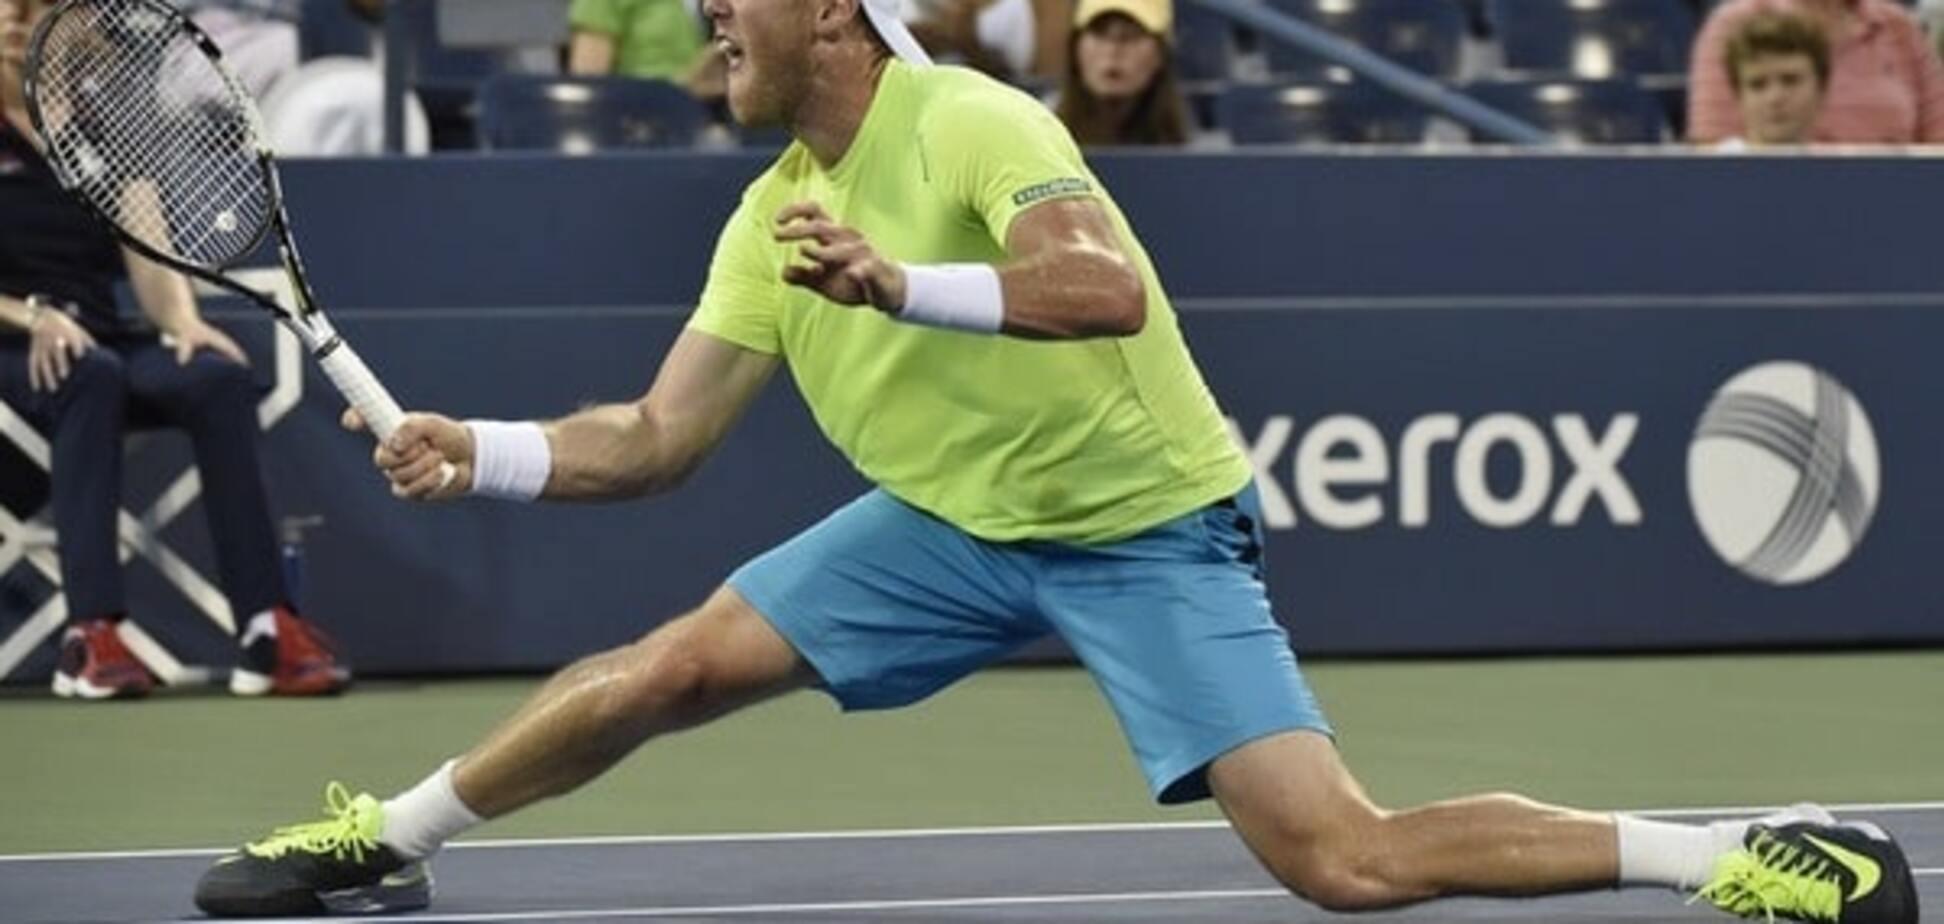 Український тенісист створив сенсацію на турнірі в Досі: відео тріумфу